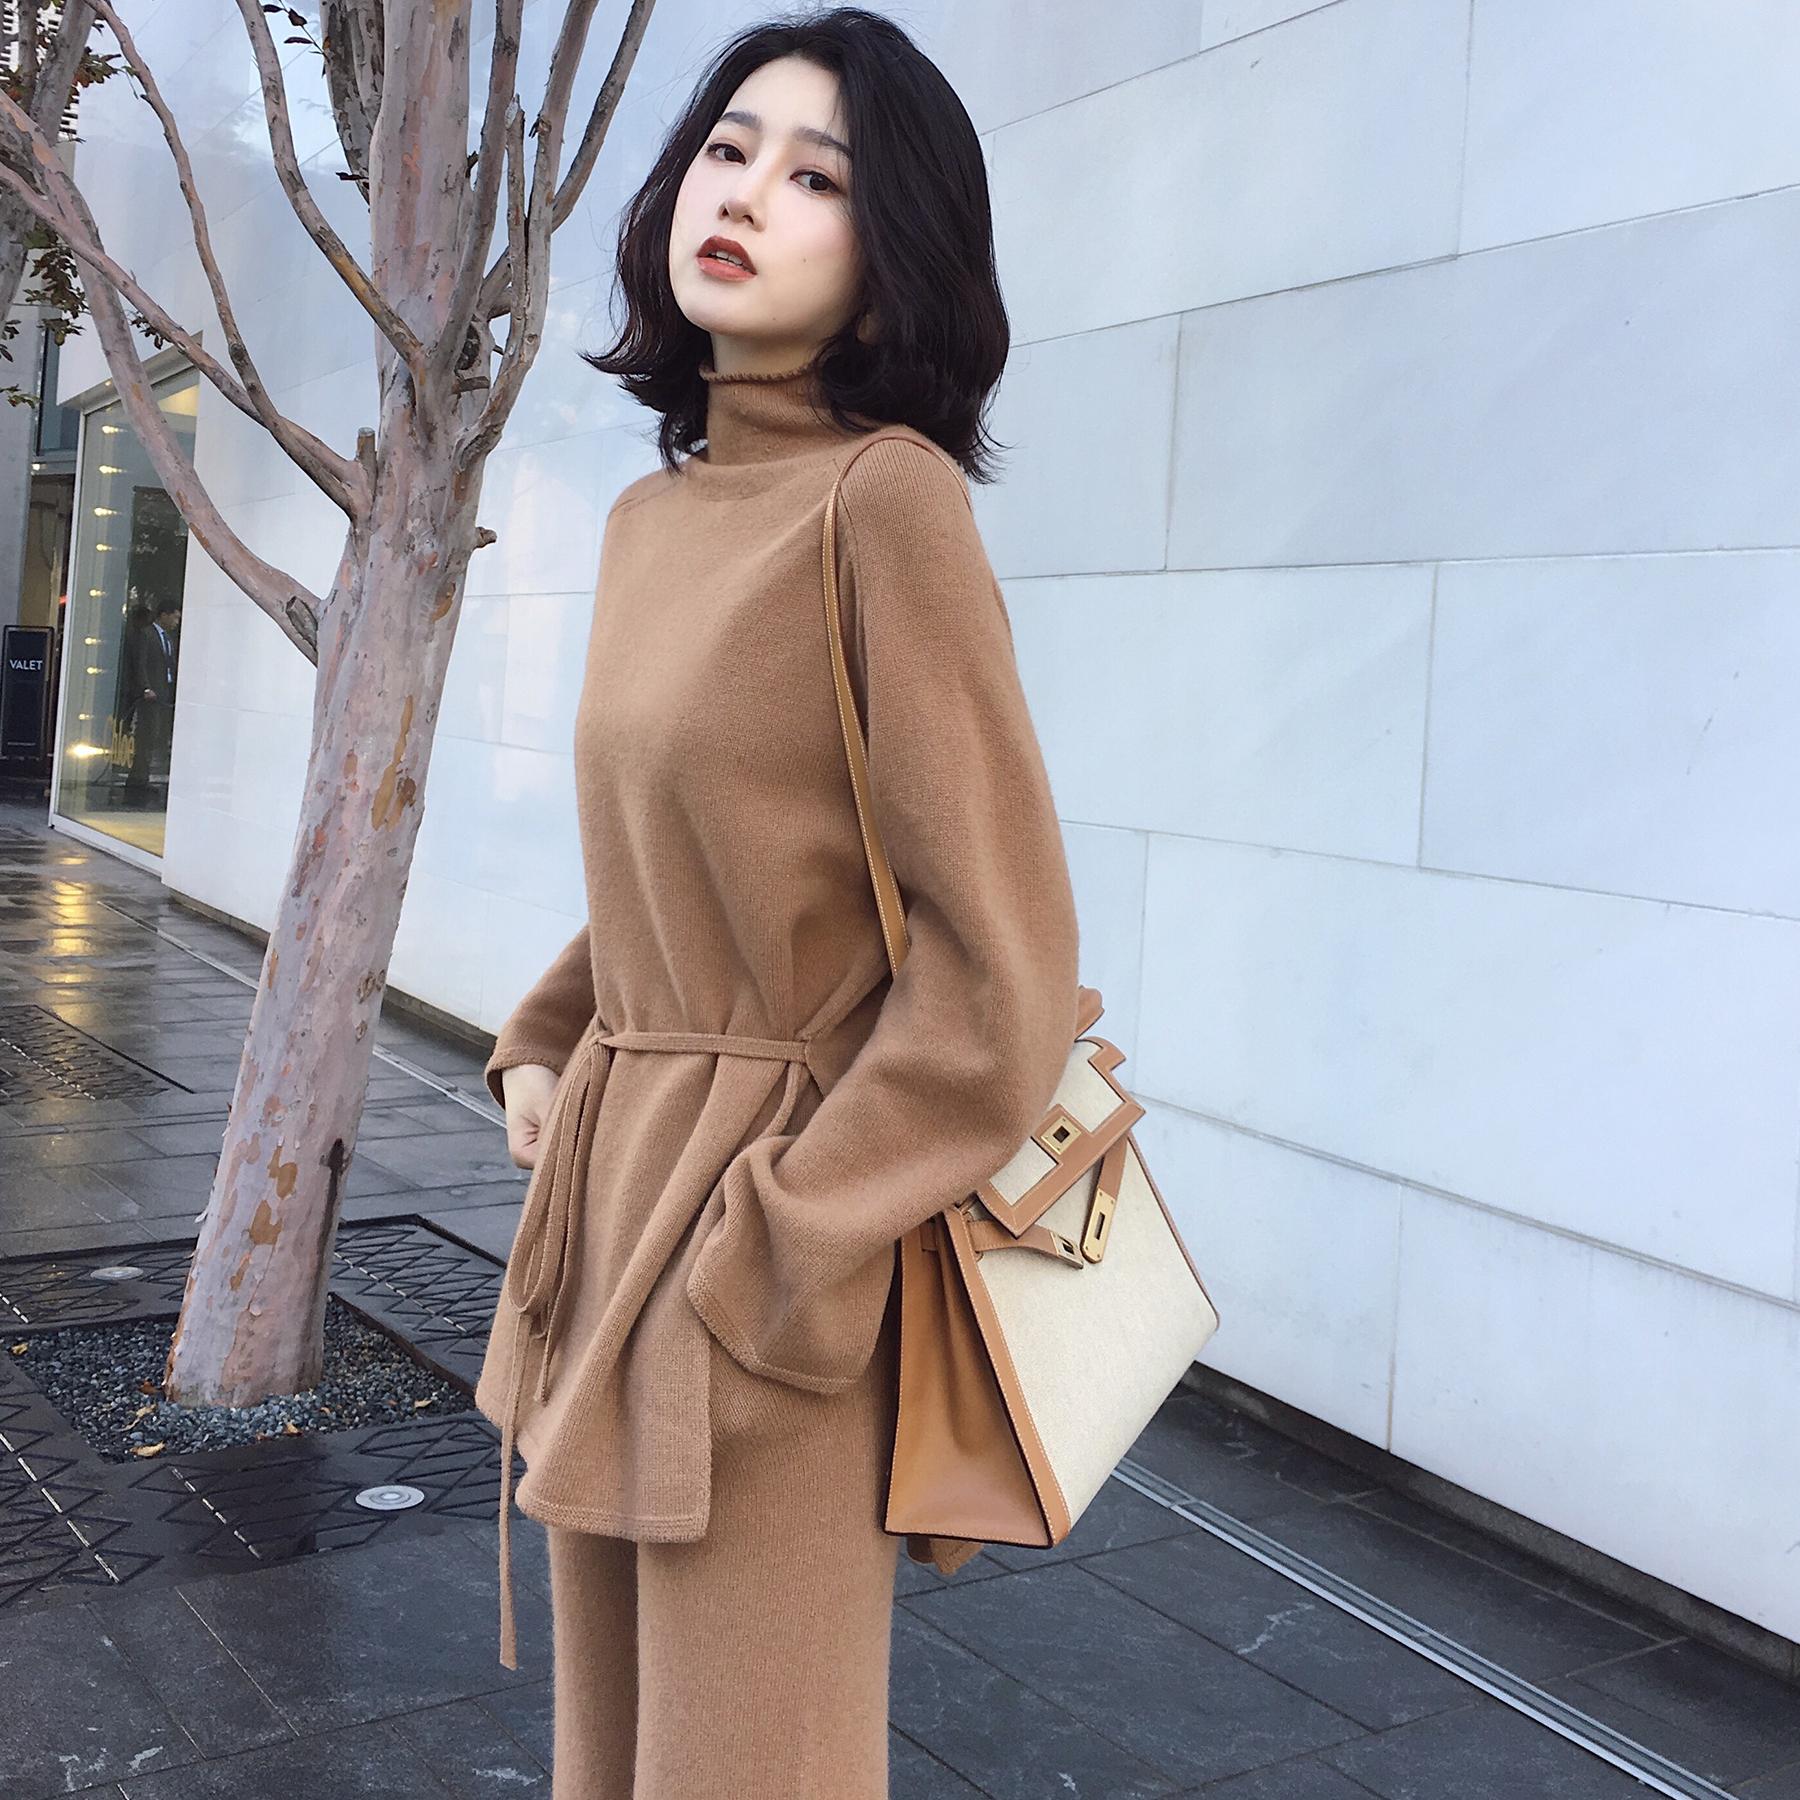 ◆ANNA◆2017冬装新款羊绒羊毛半高领针织衫阔腿裤毛衣两件套装女